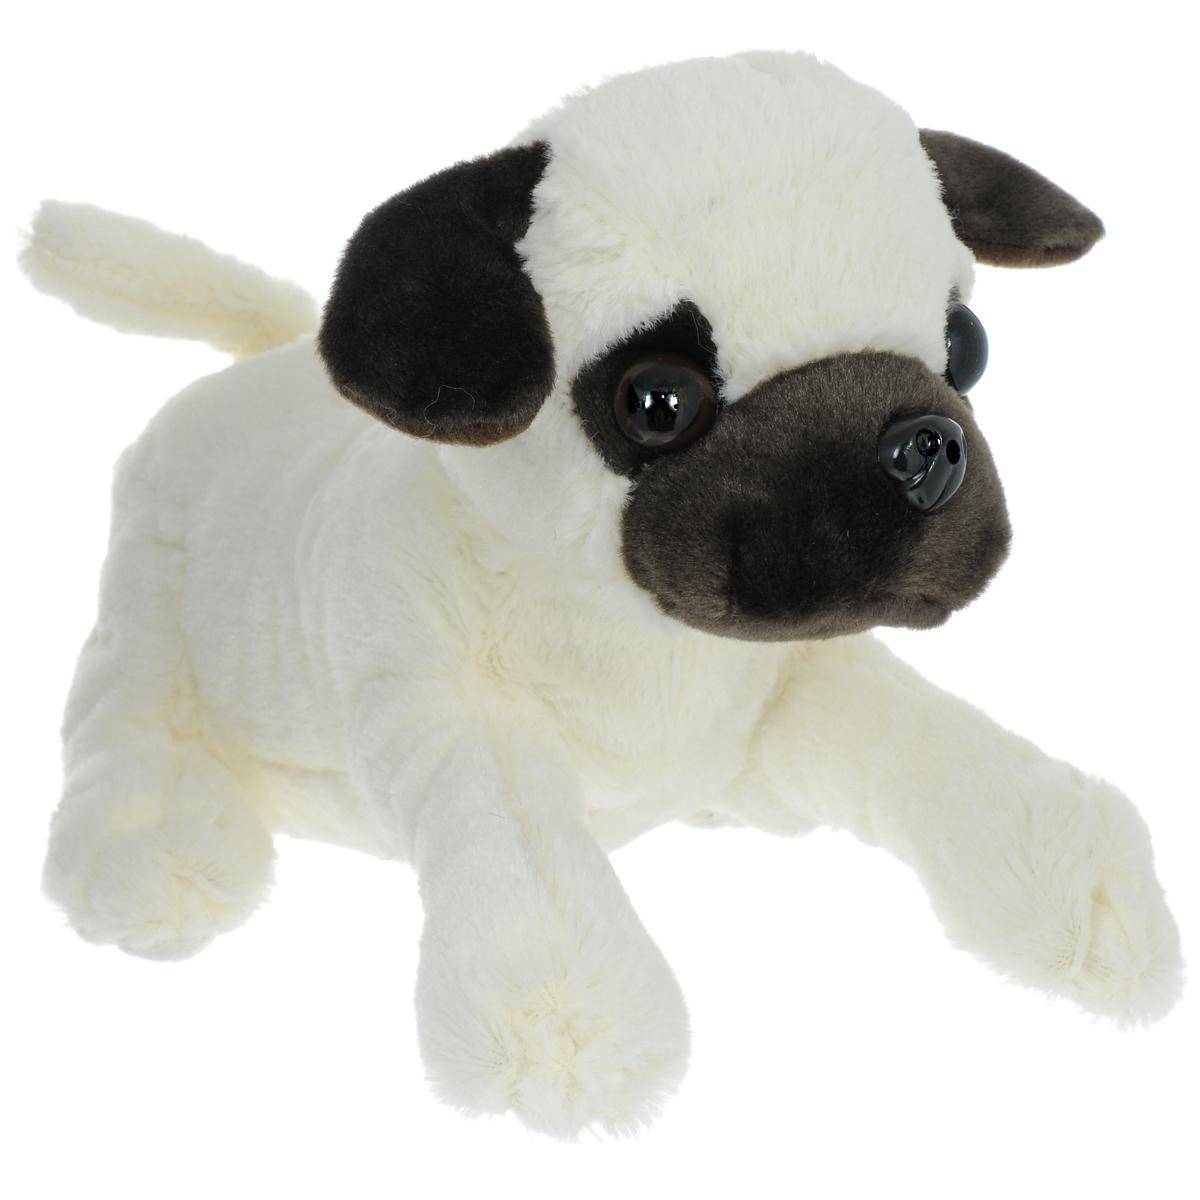 Интерактивная игрушка Fluffy Family Пес Тимка68713Интерактивная игрушка Fluffy Family Пес Тимка привлечет внимание вашего ребенка и не оставит его равнодушным! Мягкая игрушка выполнена из полиэстера в виде забавного песика по кличке Тимка. Он отлично реагирует на прикосновения: при поглаживании головы или спинки песик поворачивает голову, виляет хвостиком, скулит или лает. Невероятно приятная на ощупь игрушка подарит своему обладателю хорошее настроение и станет для него настоящим другом. Играя с ней, ребенок сможет развить не только координацию движений и мелкую моторику рук, но и слуховое, зрительное и тактильное восприятие. Необходимо докупить 3 батарейки напряжением 1,5V типа АА (не входят в комплект).